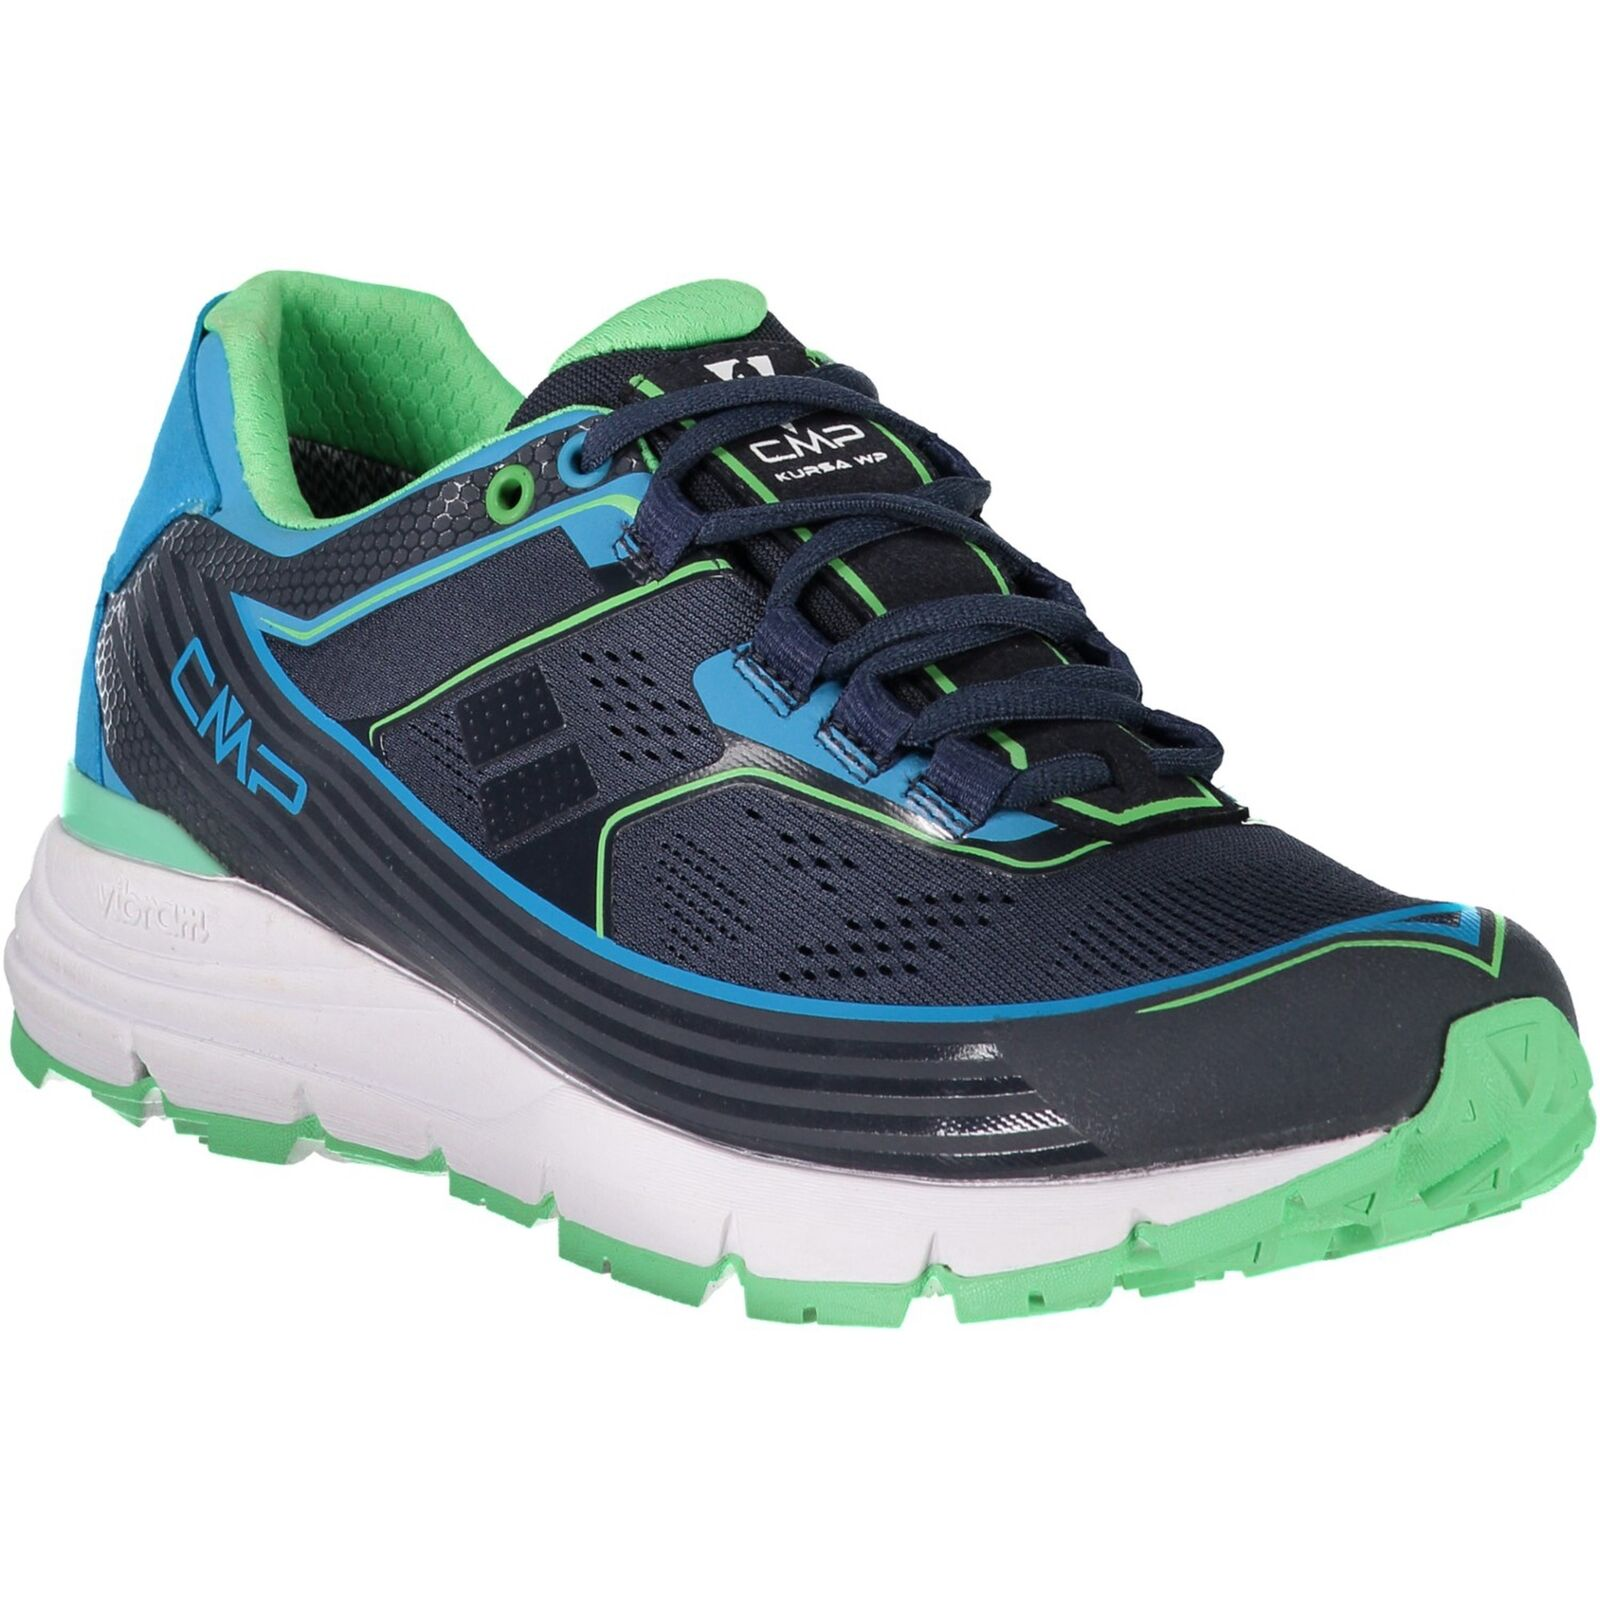 CMP zapatillas  calzado deportivo cursa WMN Trail zapatos WP azul oscuro Mesh  deportes calientes